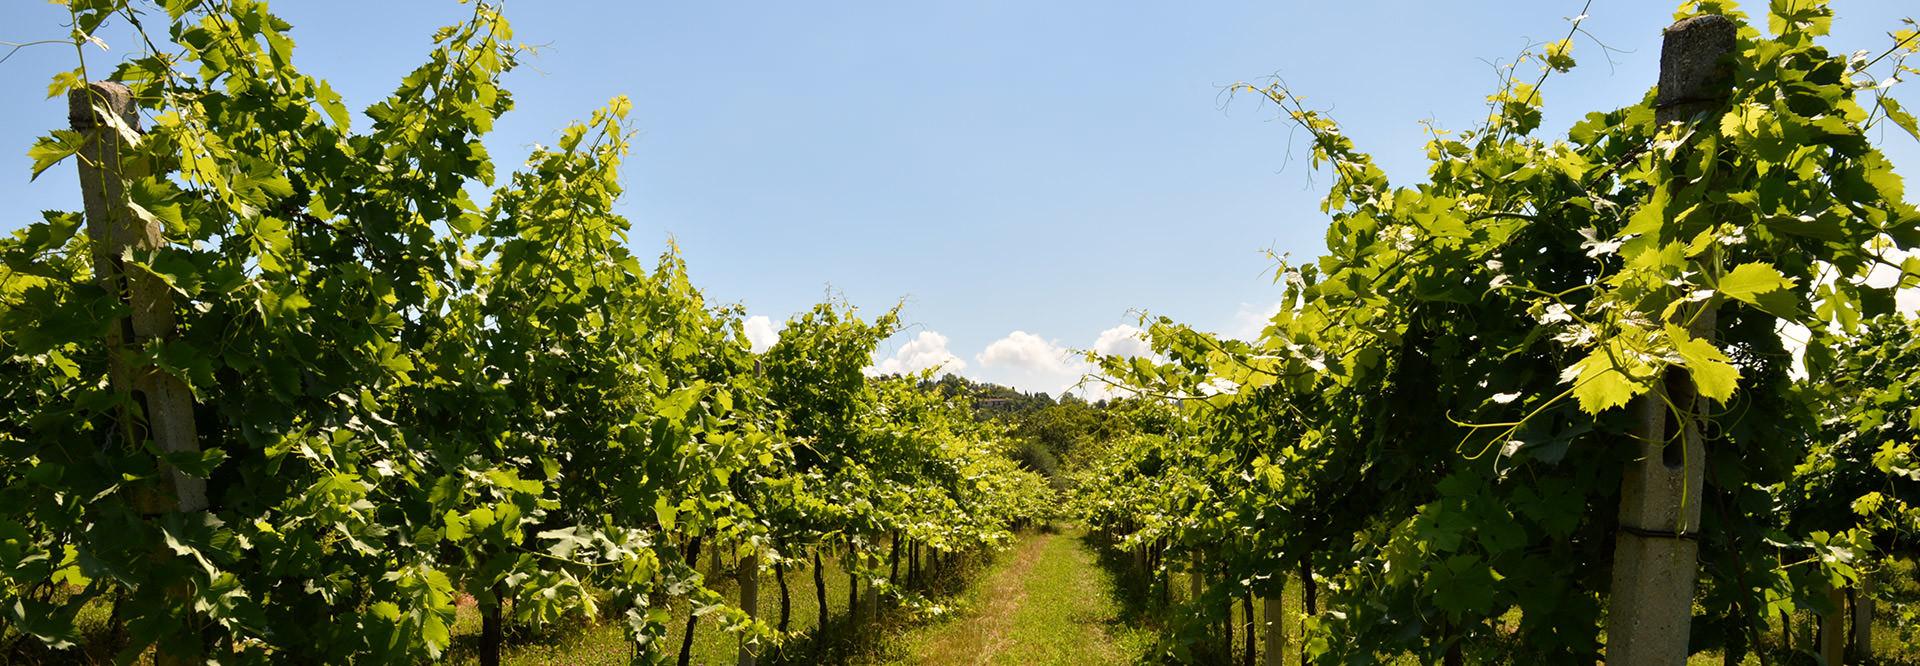 Vini e spumanti tipici del Lago di Garda, freschi e fruttati che nascono dal pieno rispetto dell'ambiente e del territorio.